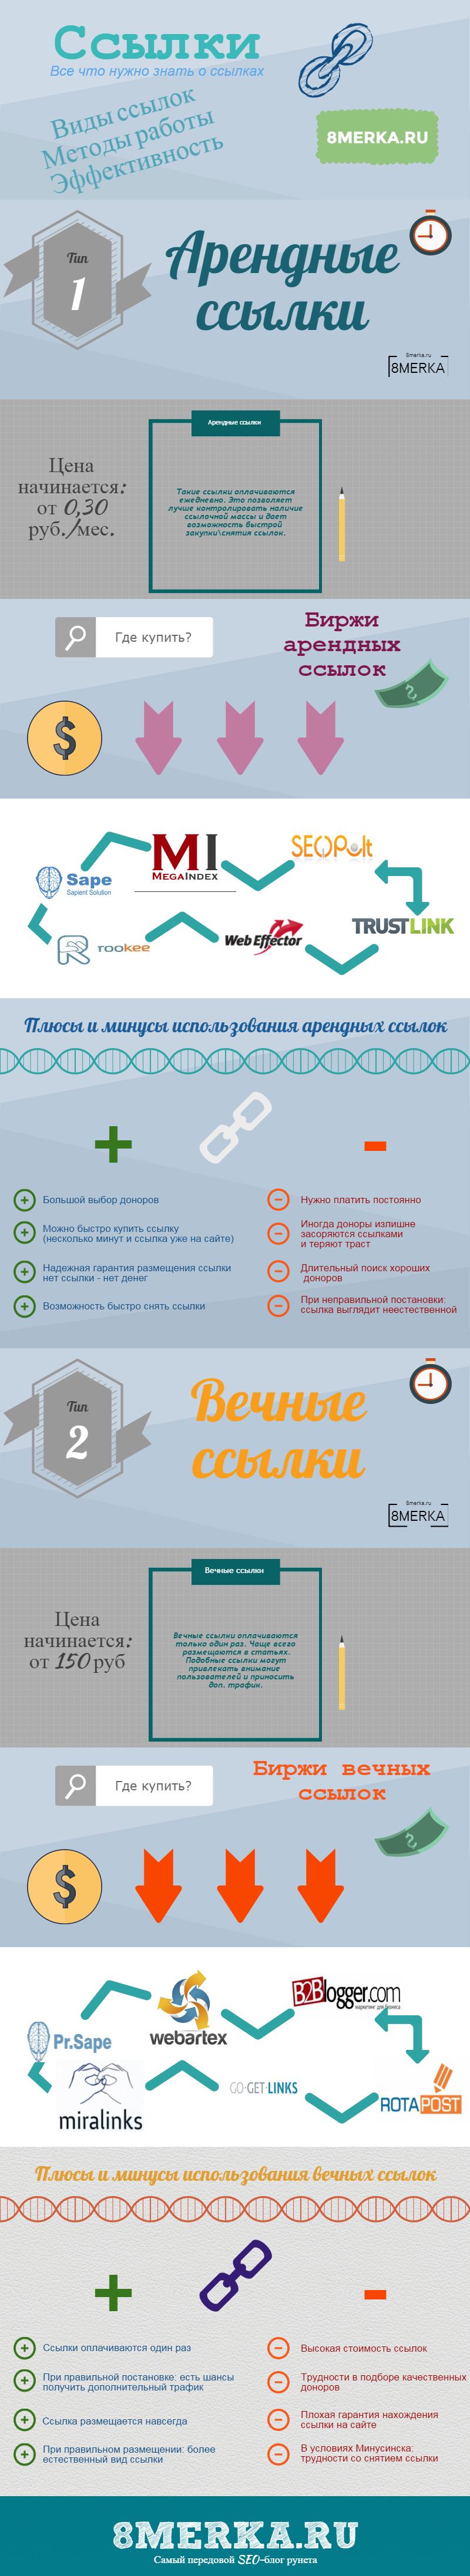 инфографика seo ссылки